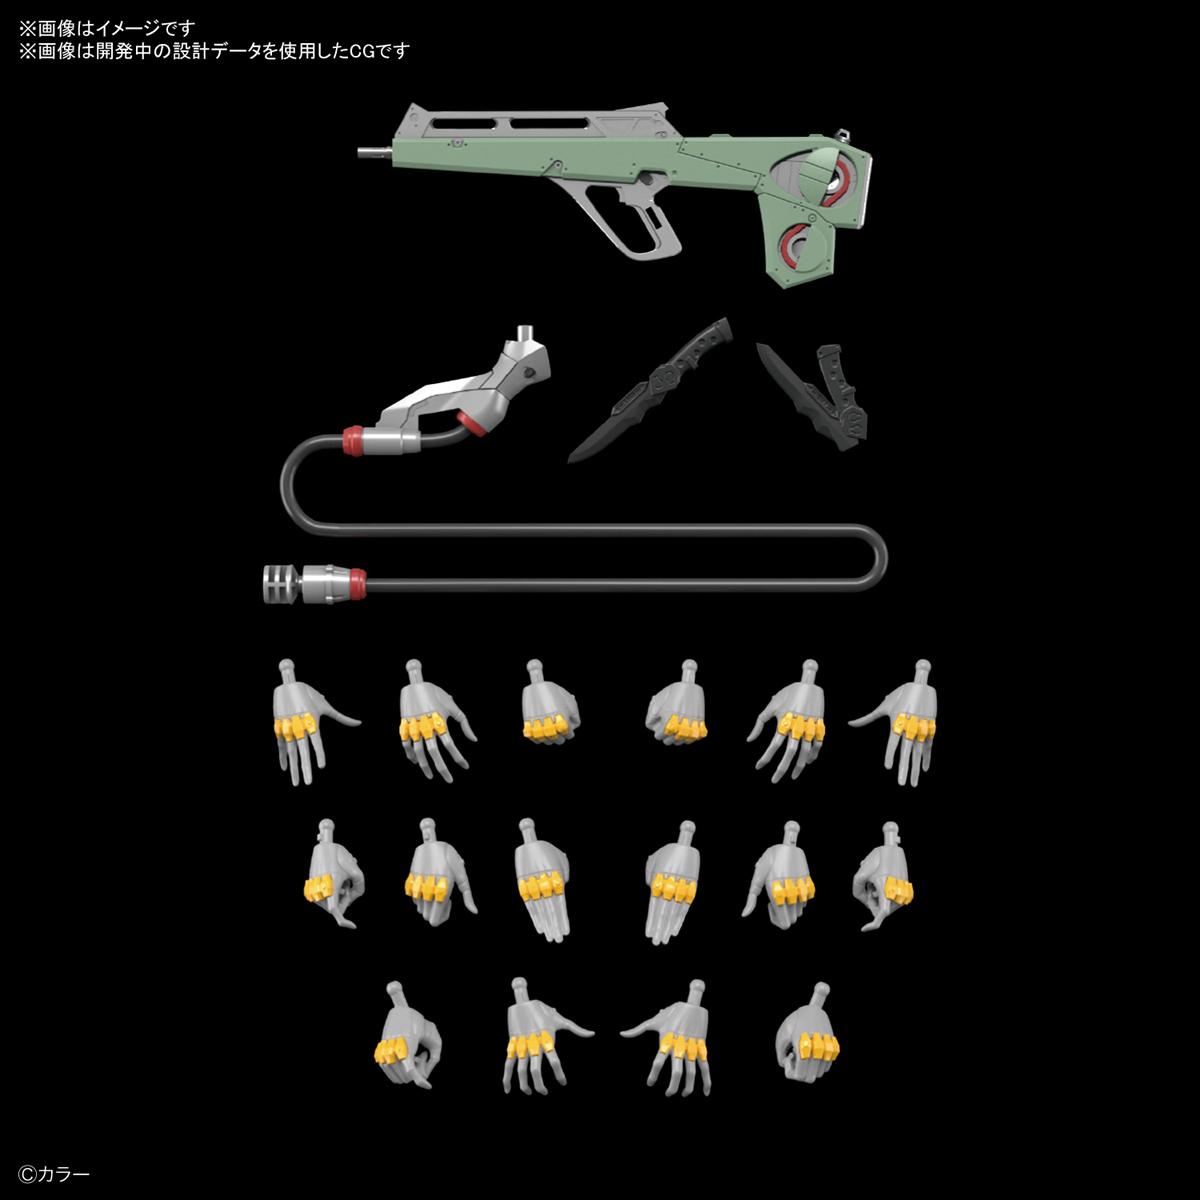 RG『汎用ヒト型決戦兵器 人造人間エヴァンゲリオン 正規実用型(ヴィレカスタム)8号機α』プラモデル-007